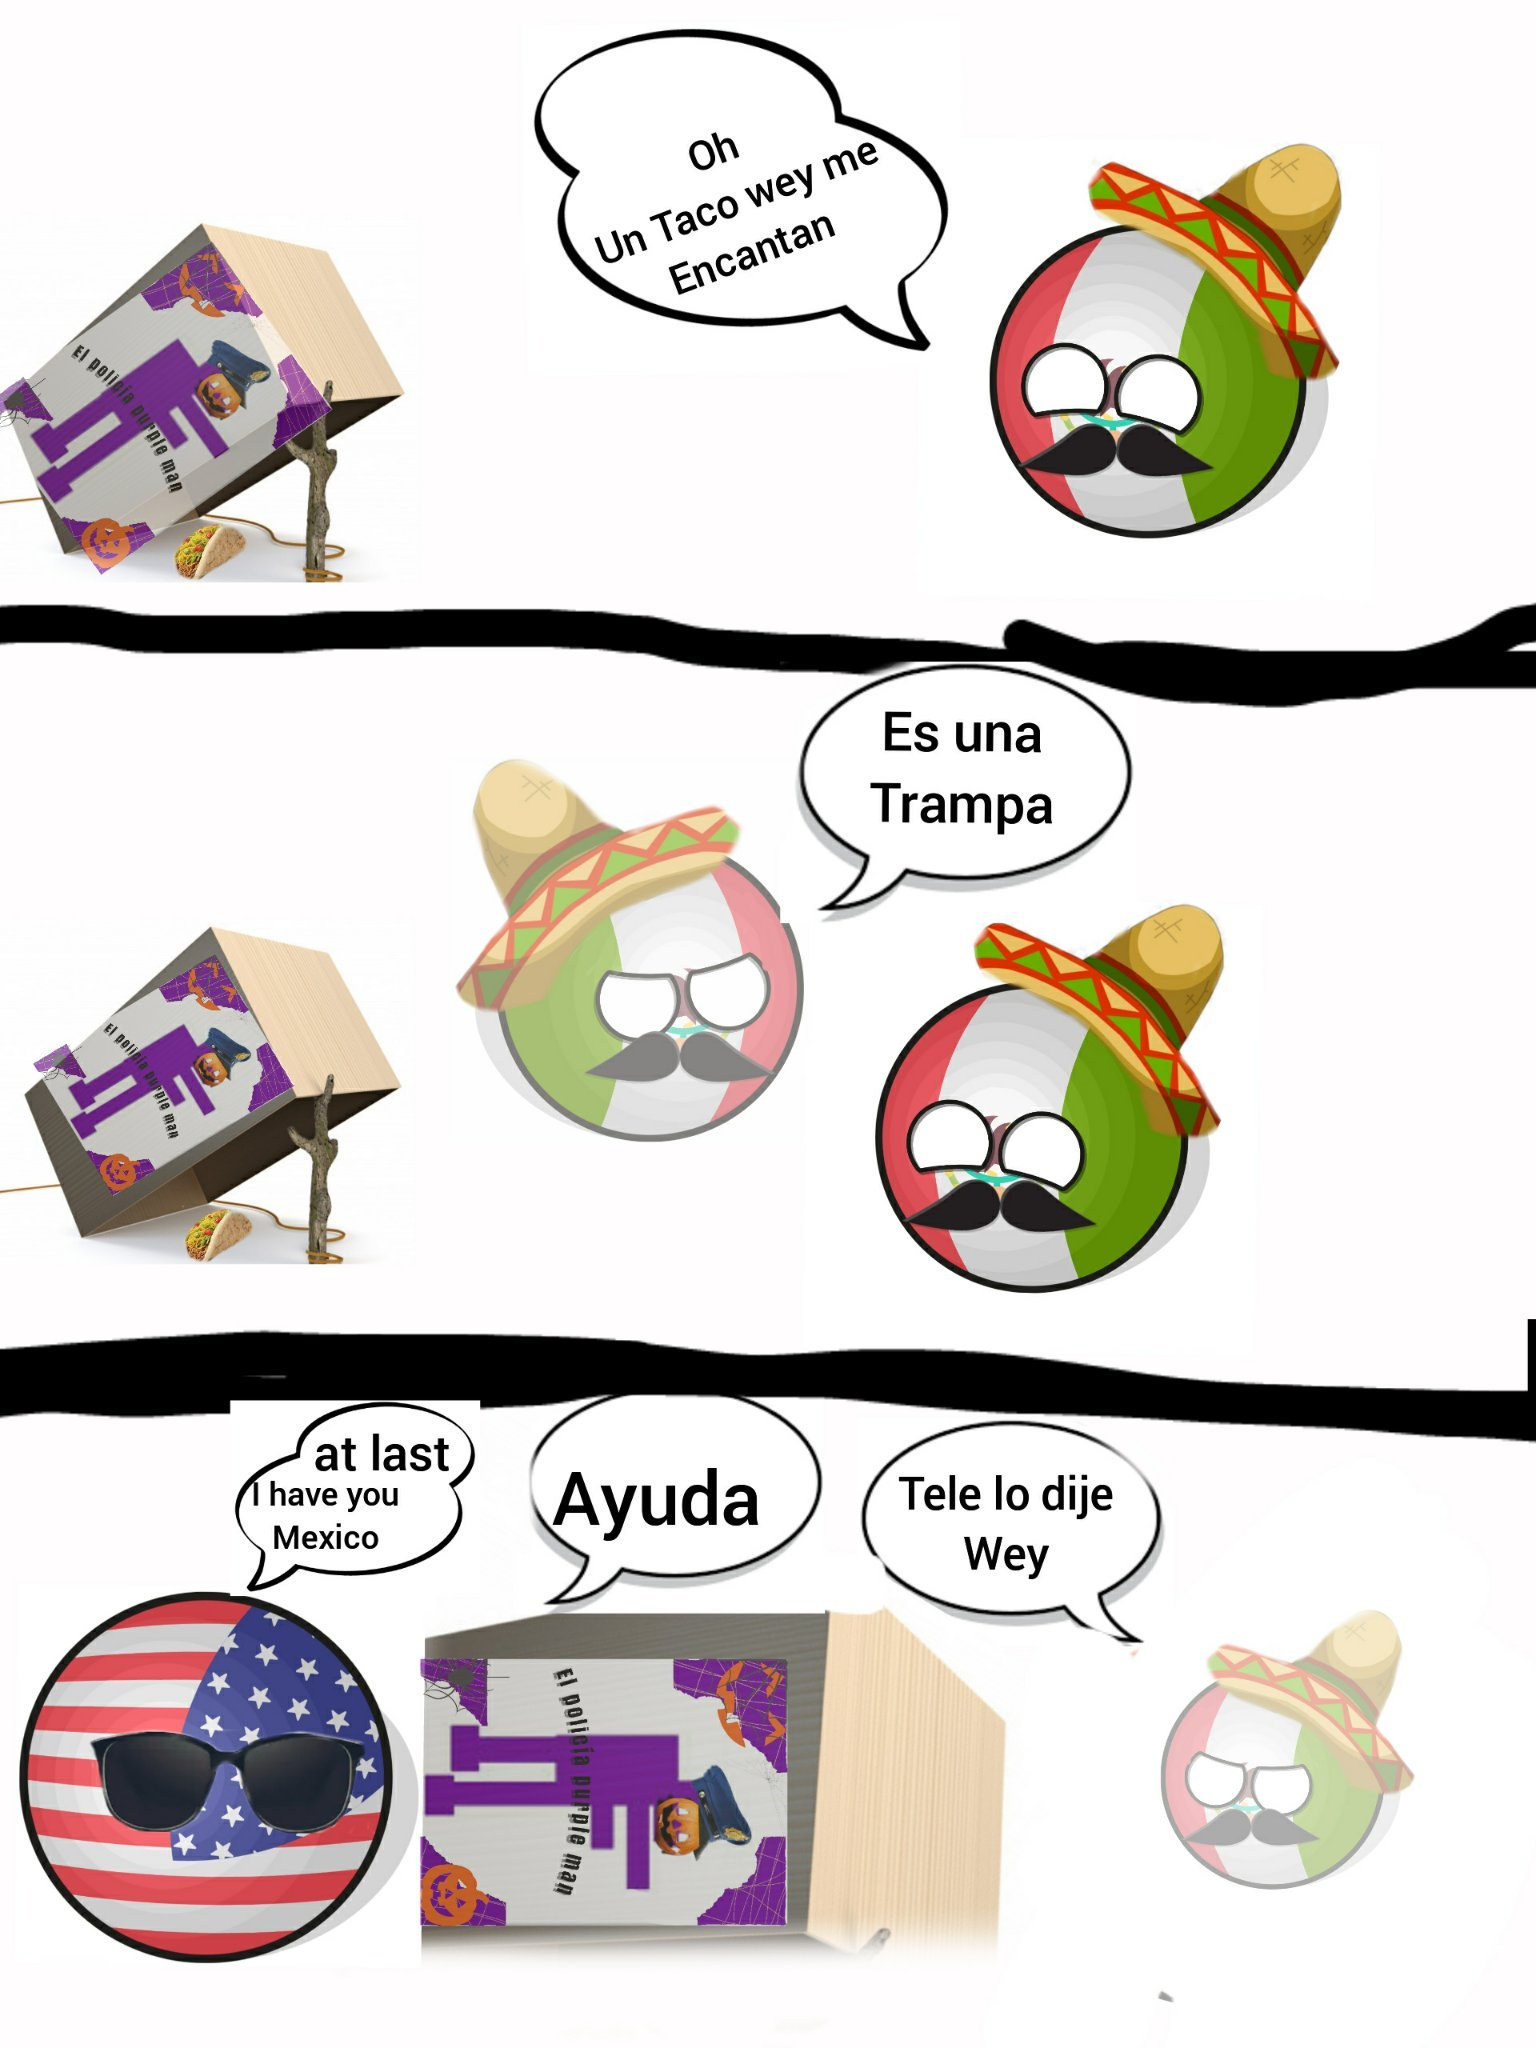 Capítulo uno: atrapé de México - meme